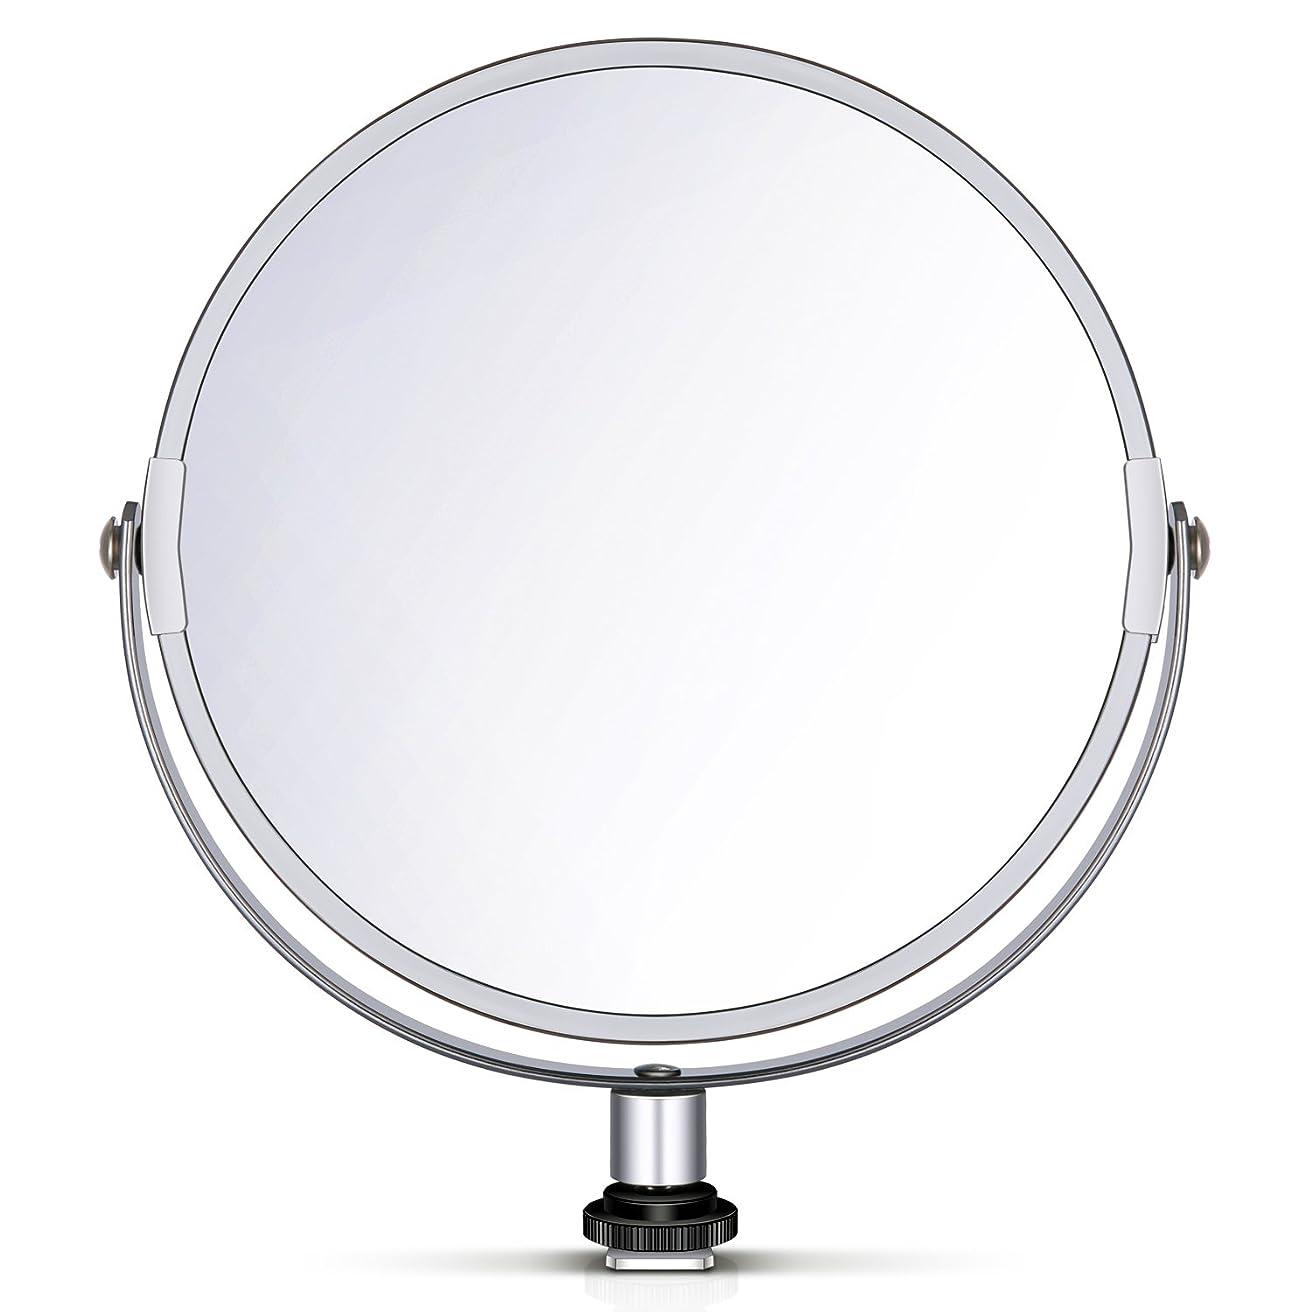 過半数条約勇者Neewer 両面鏡 拡大鏡 化粧鏡 8 in/20 cm 円形 18 inのリングライト 自撮り 化粧 ポートレート用アダプタ付